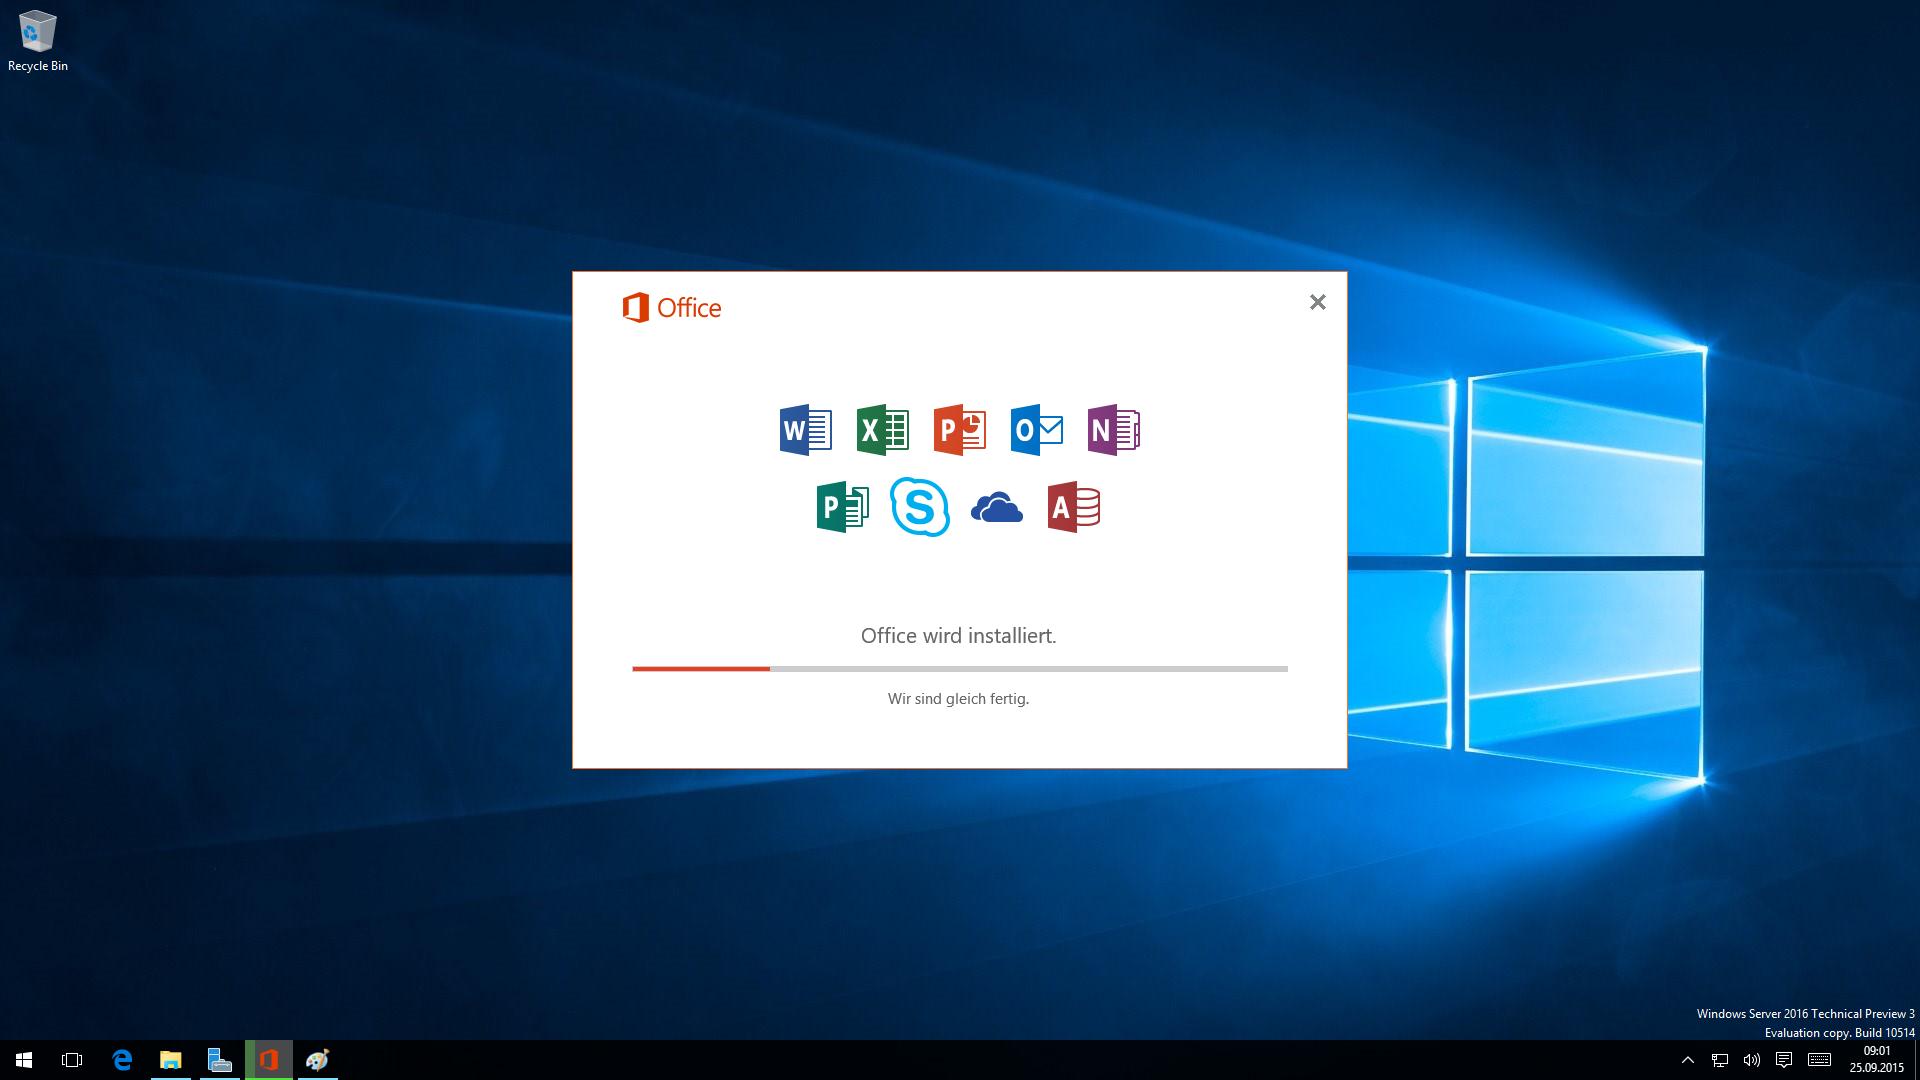 Fortschritts-Anzeige bei der Installation von Office 2016 mit den neuen Office 2016 Icons